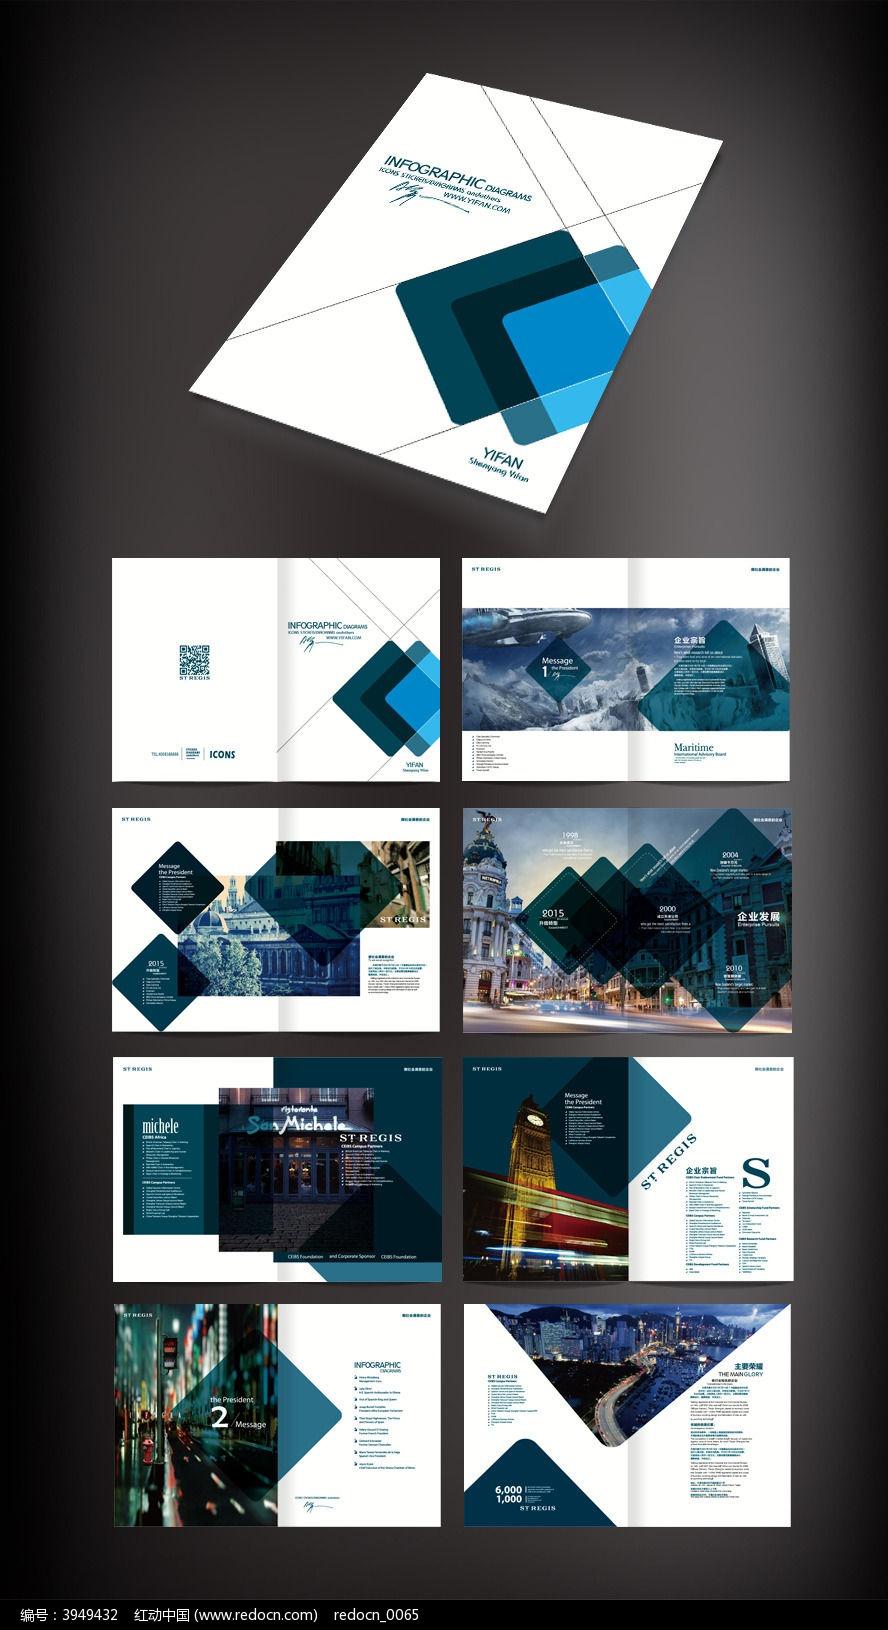 国外画册 城市画册  版式设计 画册模板 宣传册设计 画册板式 排版图片